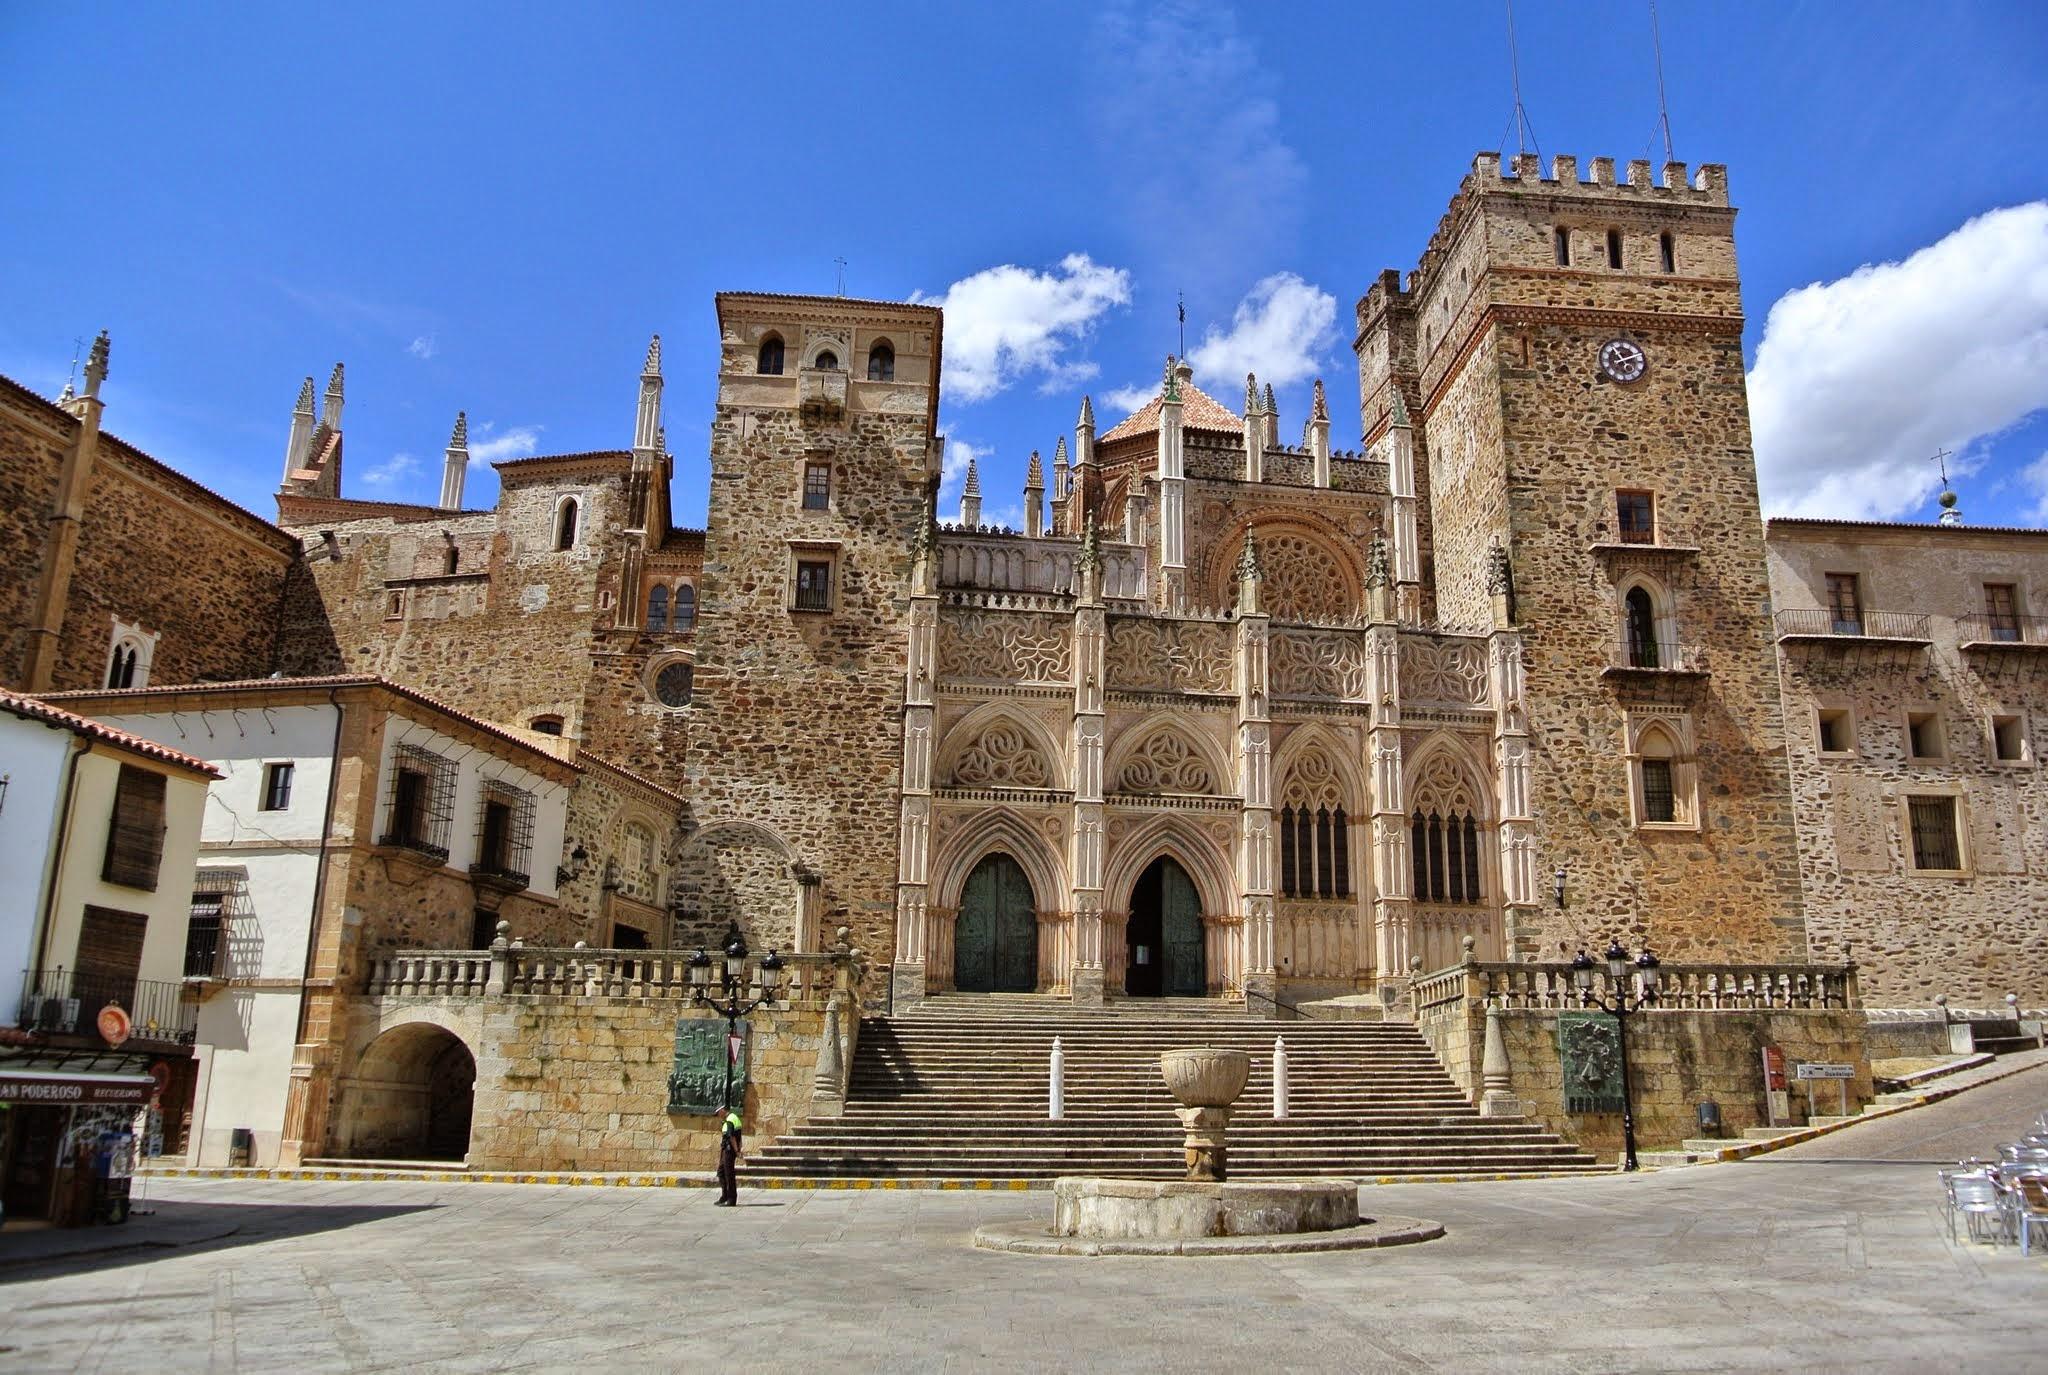 Pueblos de España que merecen ser visitados - Página 4 Guadalupe%2C_C%C3%A1ceres%2C_Spain_-_panoramio_%285%29